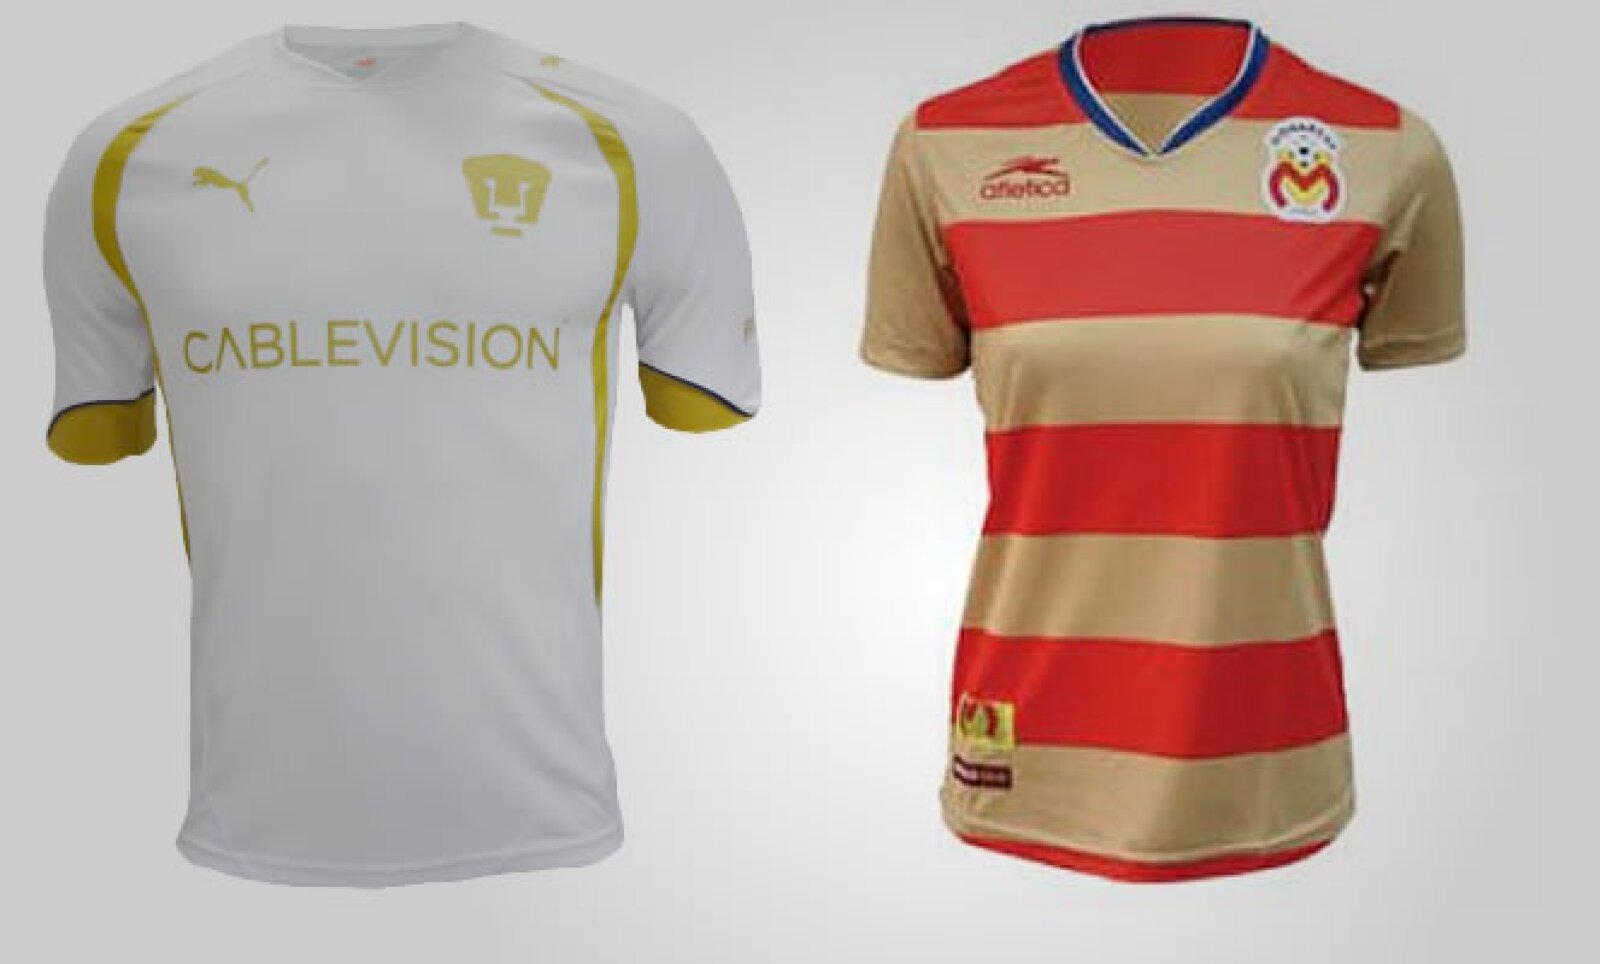 Las dos firmas también han fabricado algunas prendas especialmente diseñadas para mujeres; la opción de Pumas tiene un precio de 629 pesos, mientras que la de Monarcas, 149 pesos.